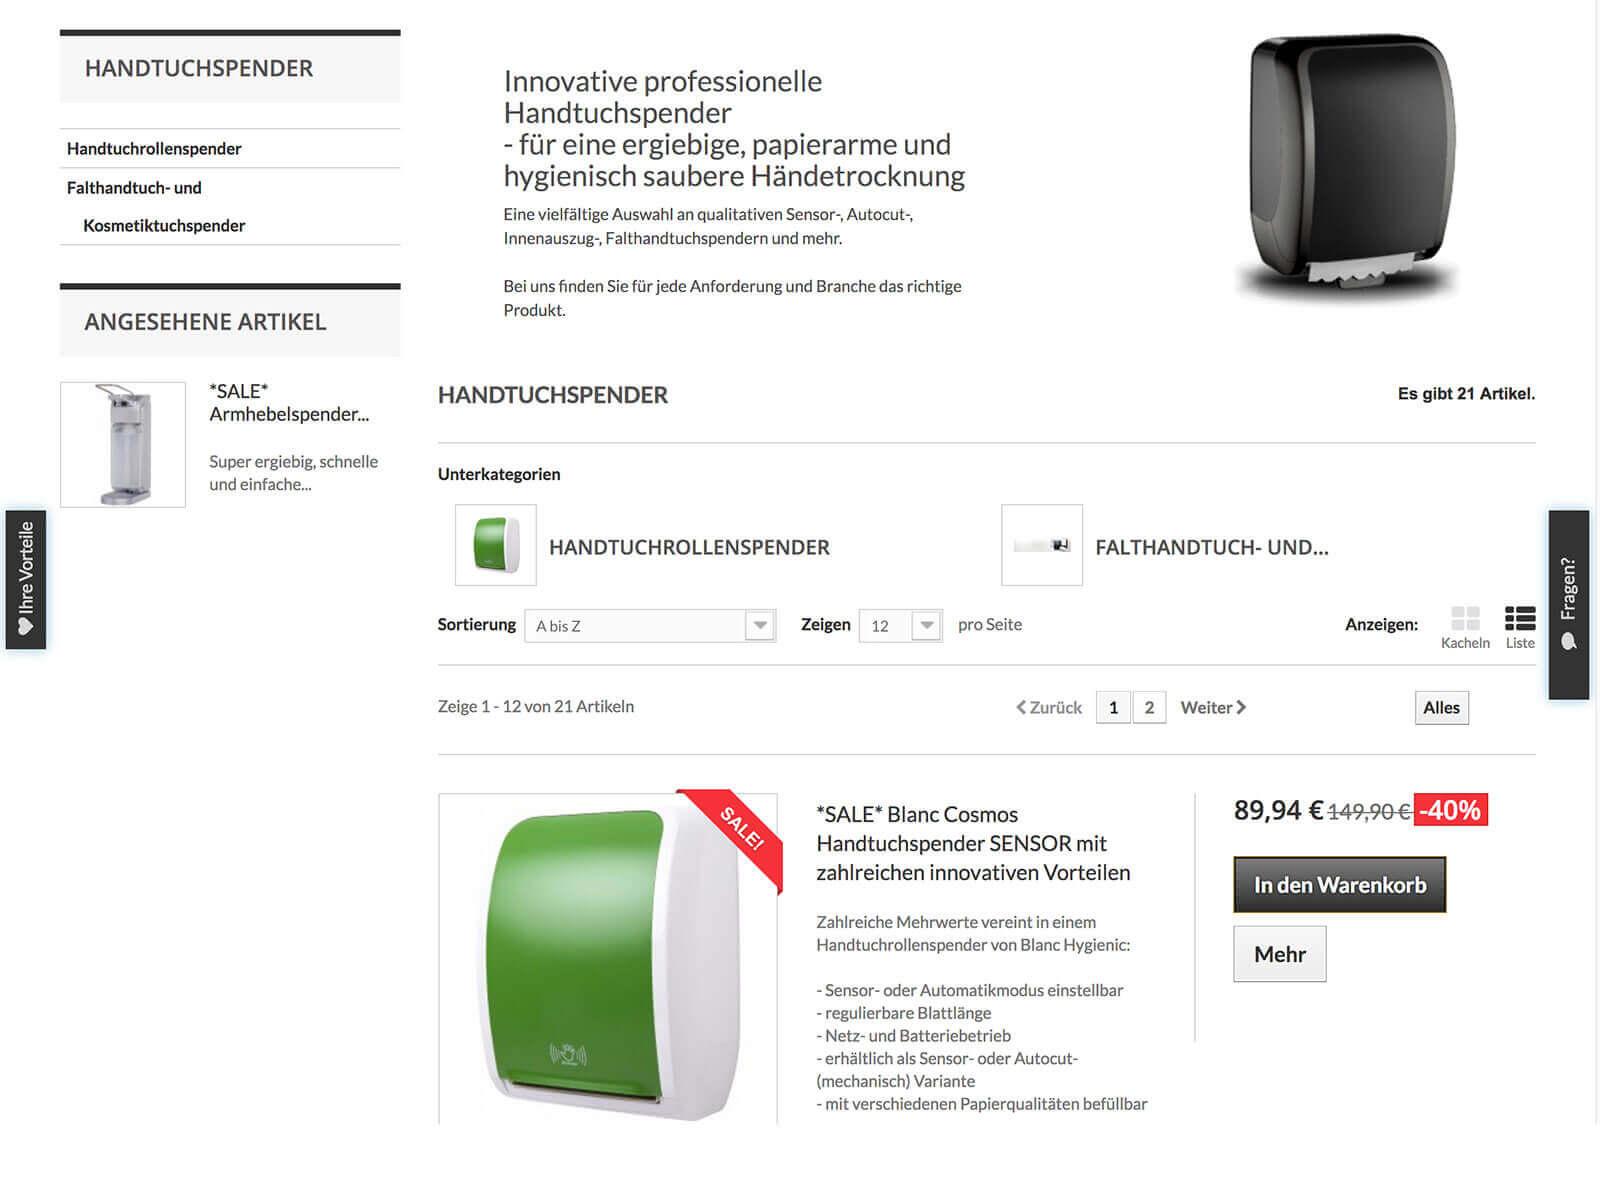 Digital Marketing mit Google Adwords und Amazon für Blanc Hygienic